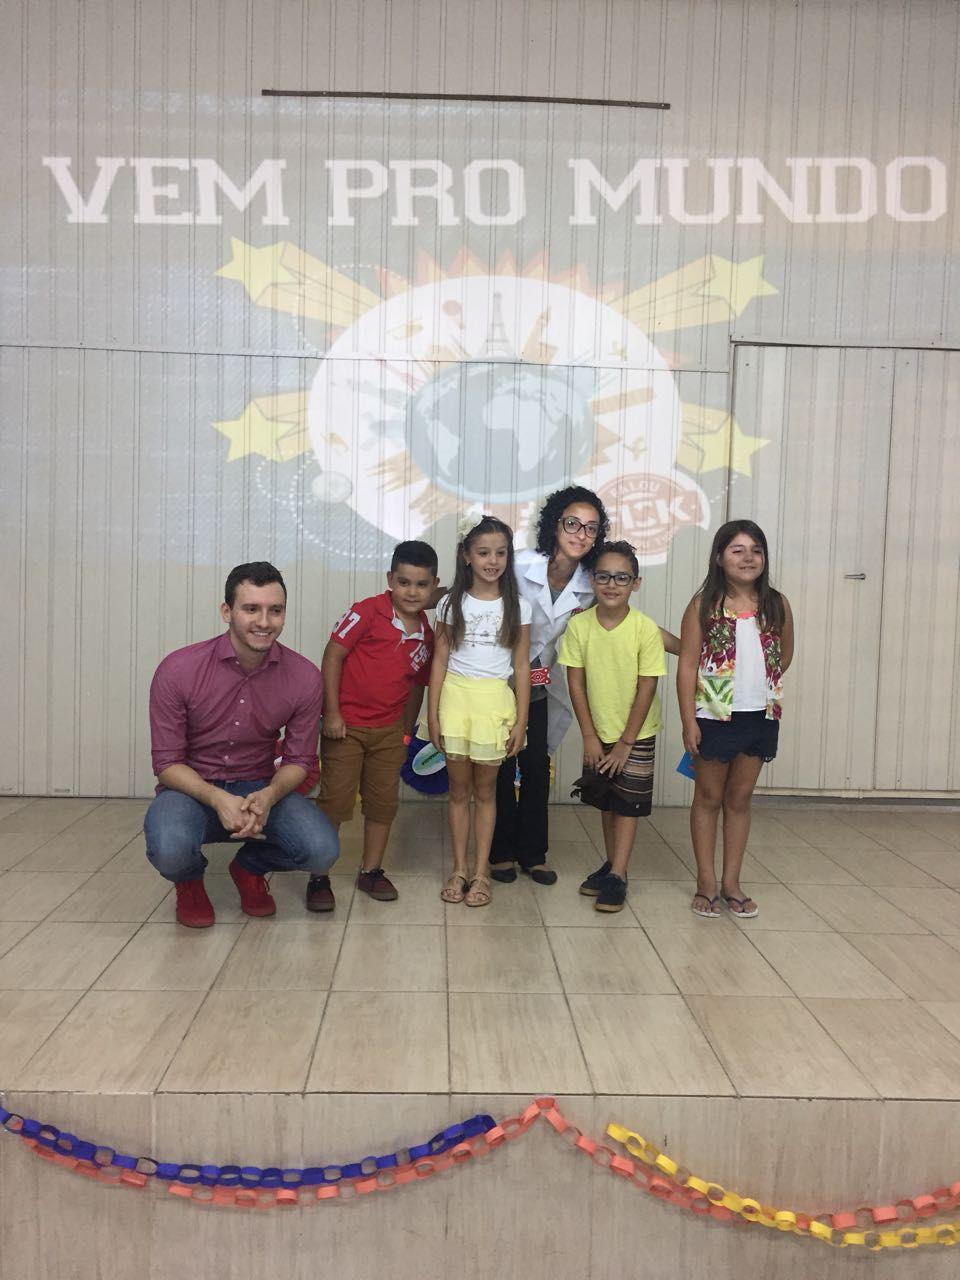 Fisk Caçapava/SP - Formatura kids